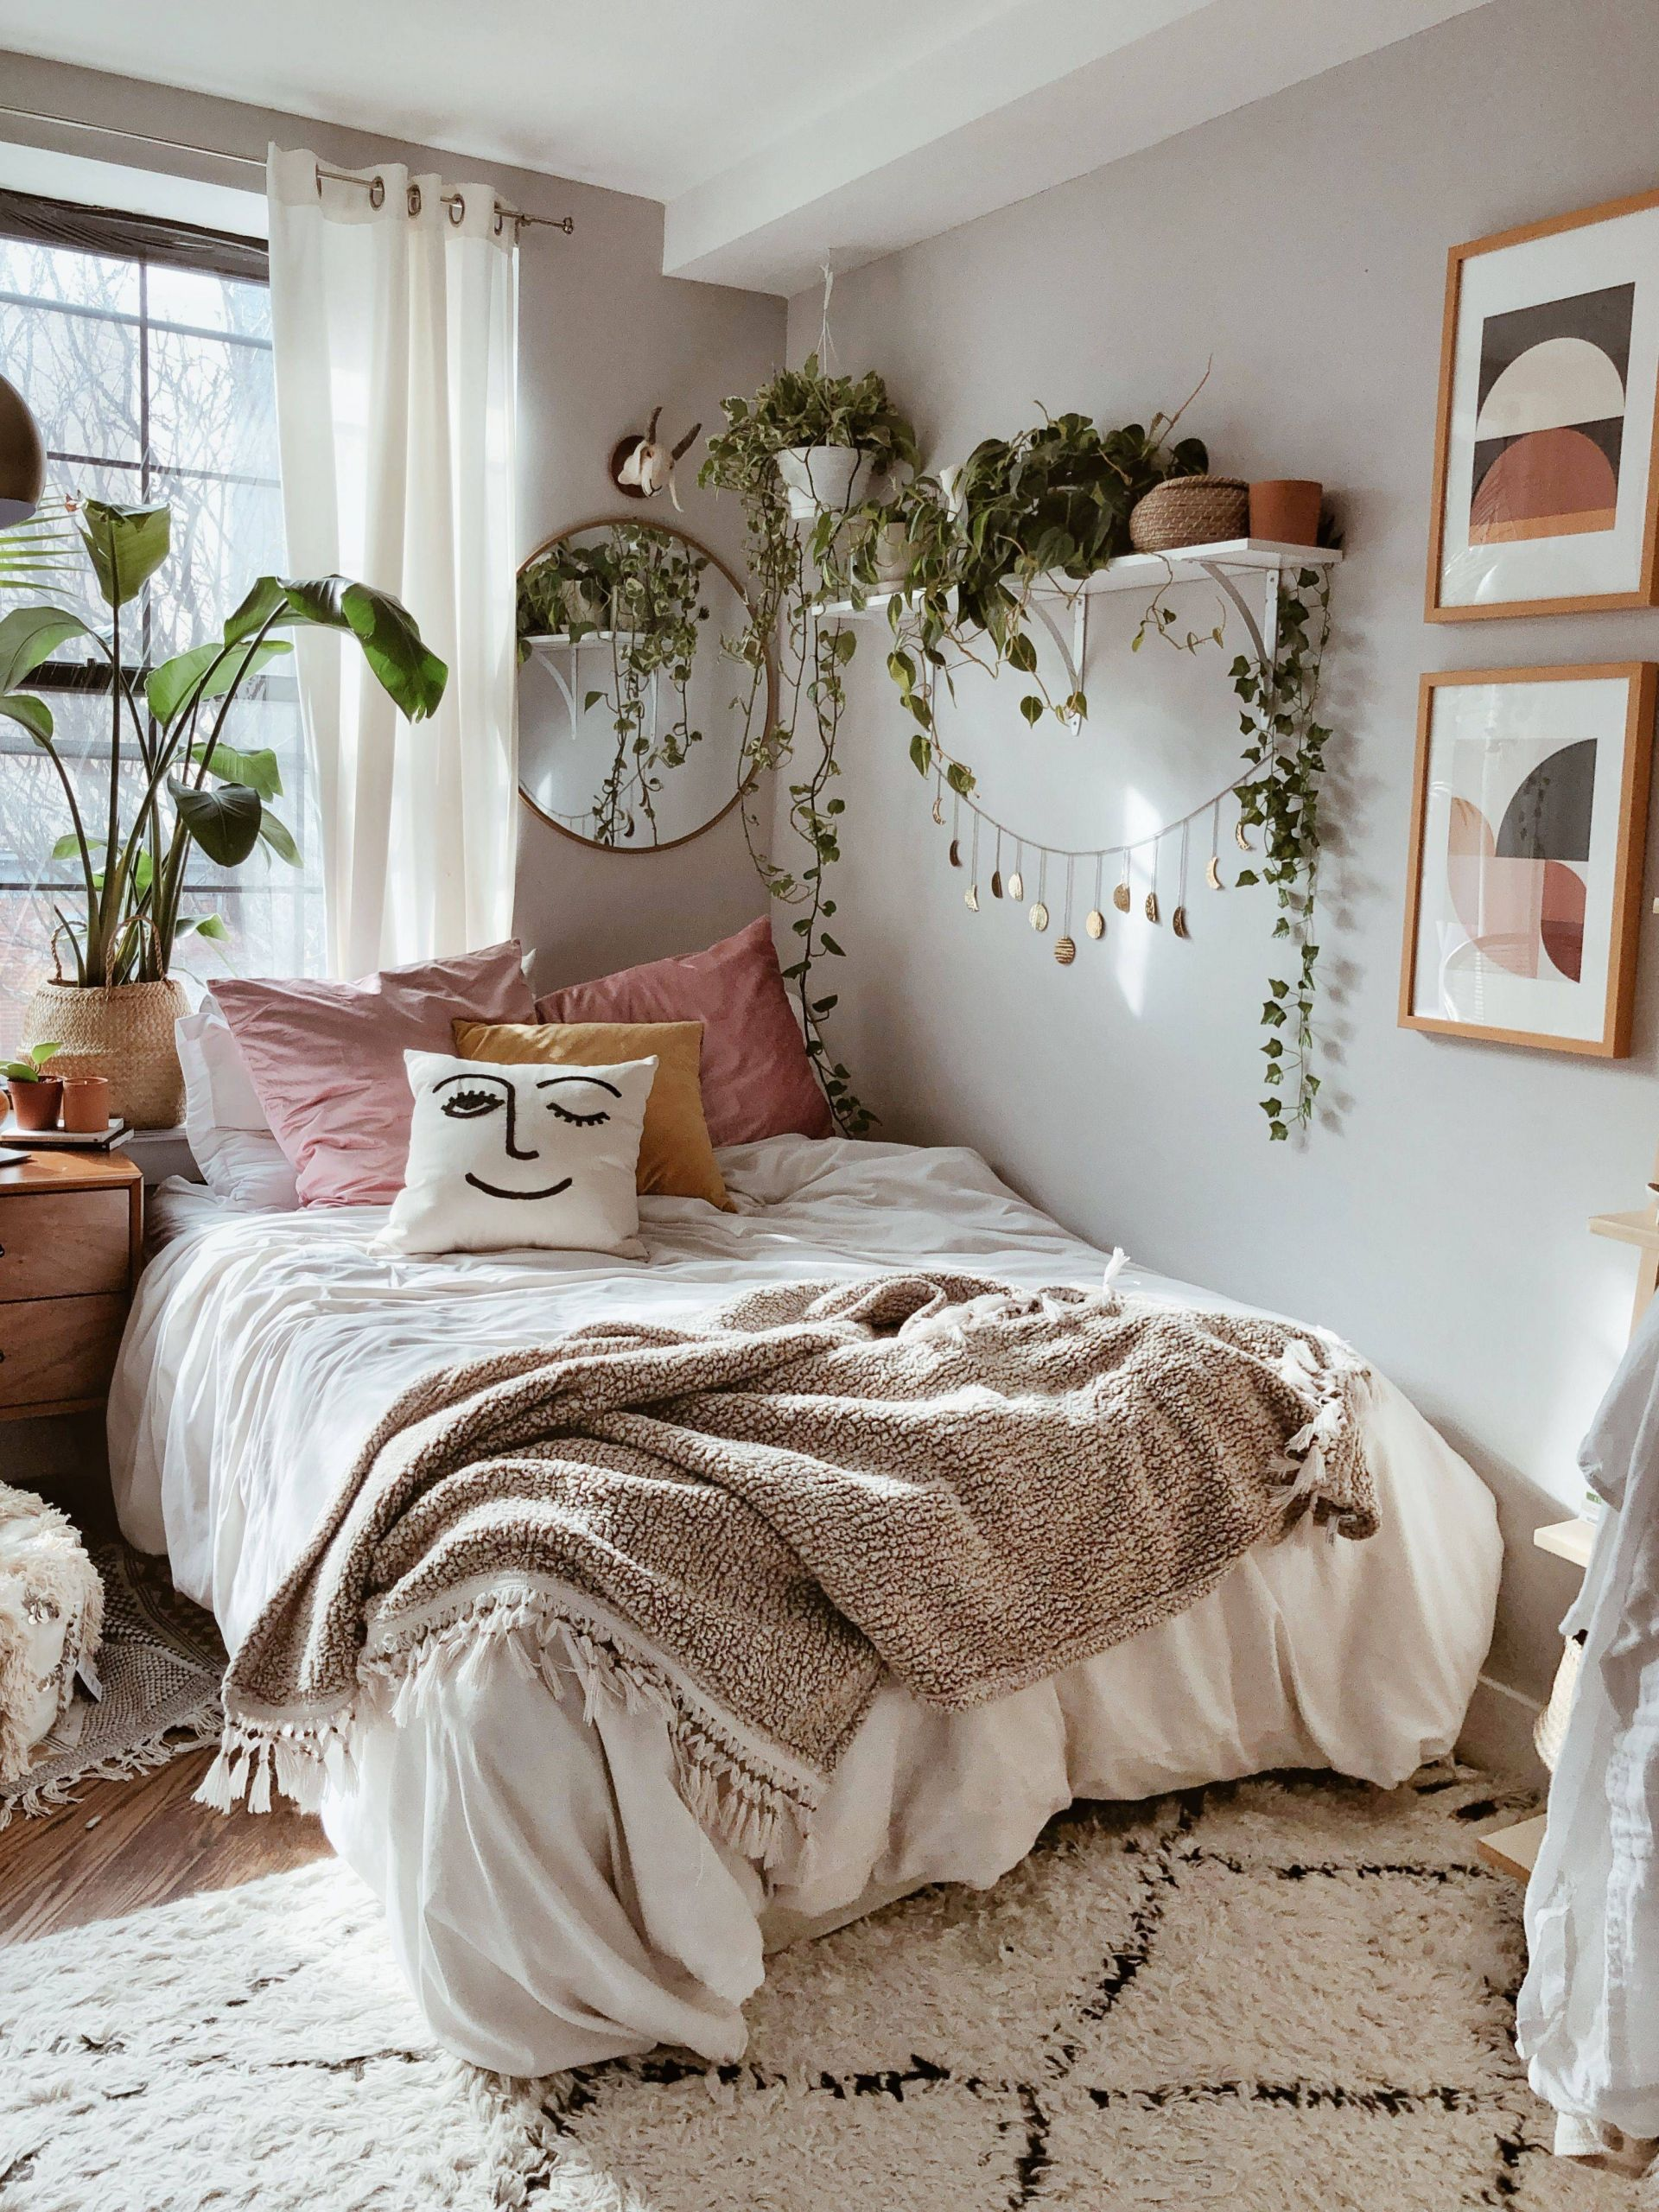 Boho Aesthetic Room Decor Inspirational Boho Bedroom Aesthetic Boho Home Decor Boho Bedroom Diy